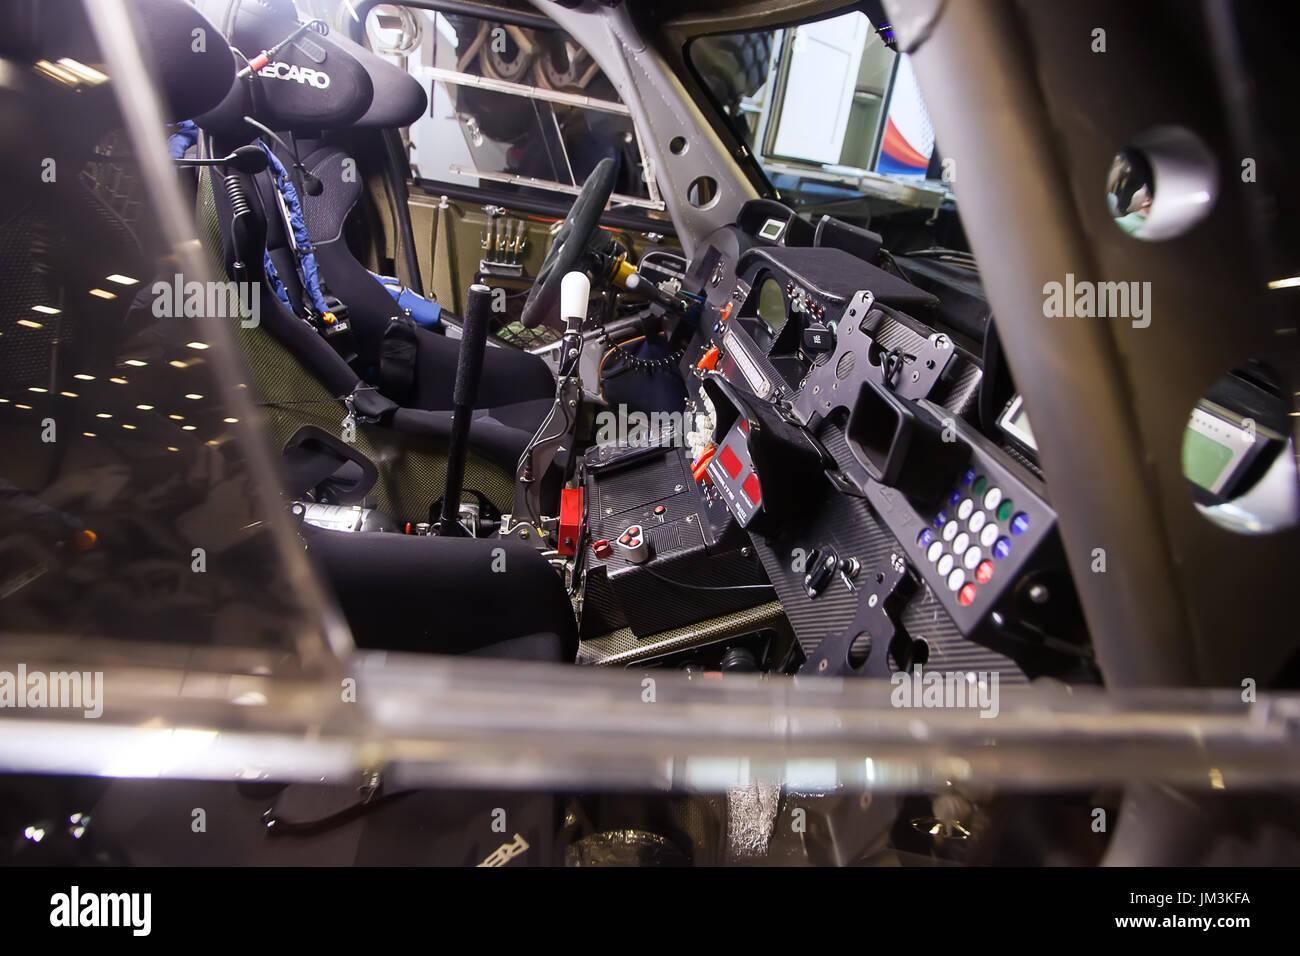 Armaturenbrett des 4wd Offroad extreme Rallyefahrzeug Stockbild